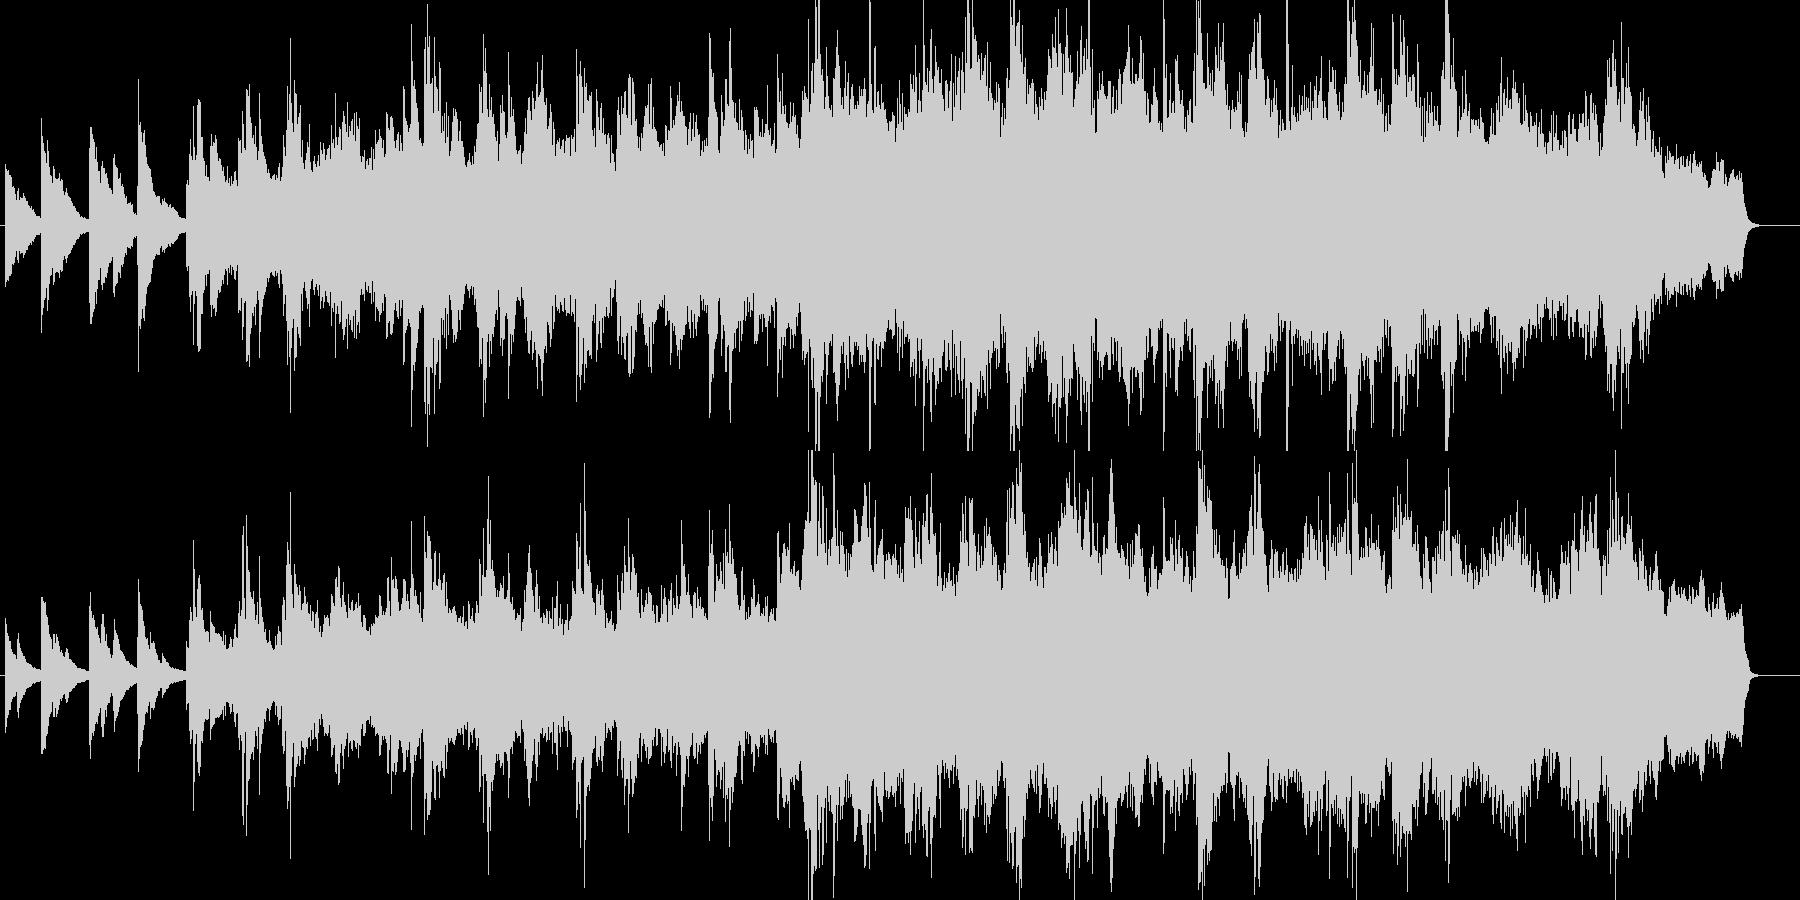 ゆったりとしたピアノが印象的なバラードの未再生の波形